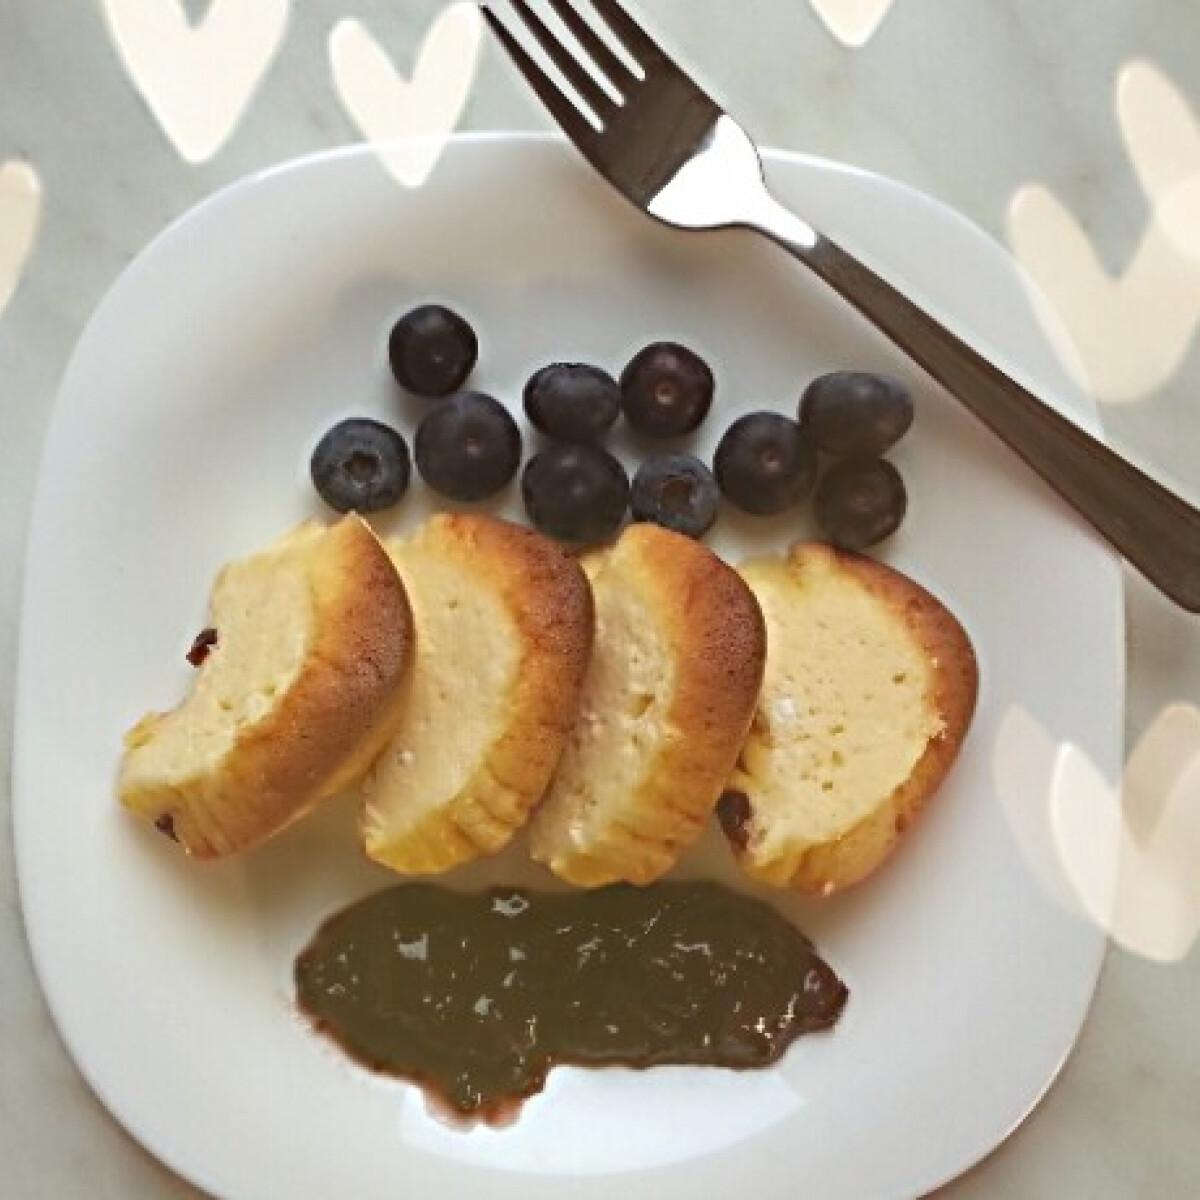 Ezen a képen: Diétás túrós áfonyával